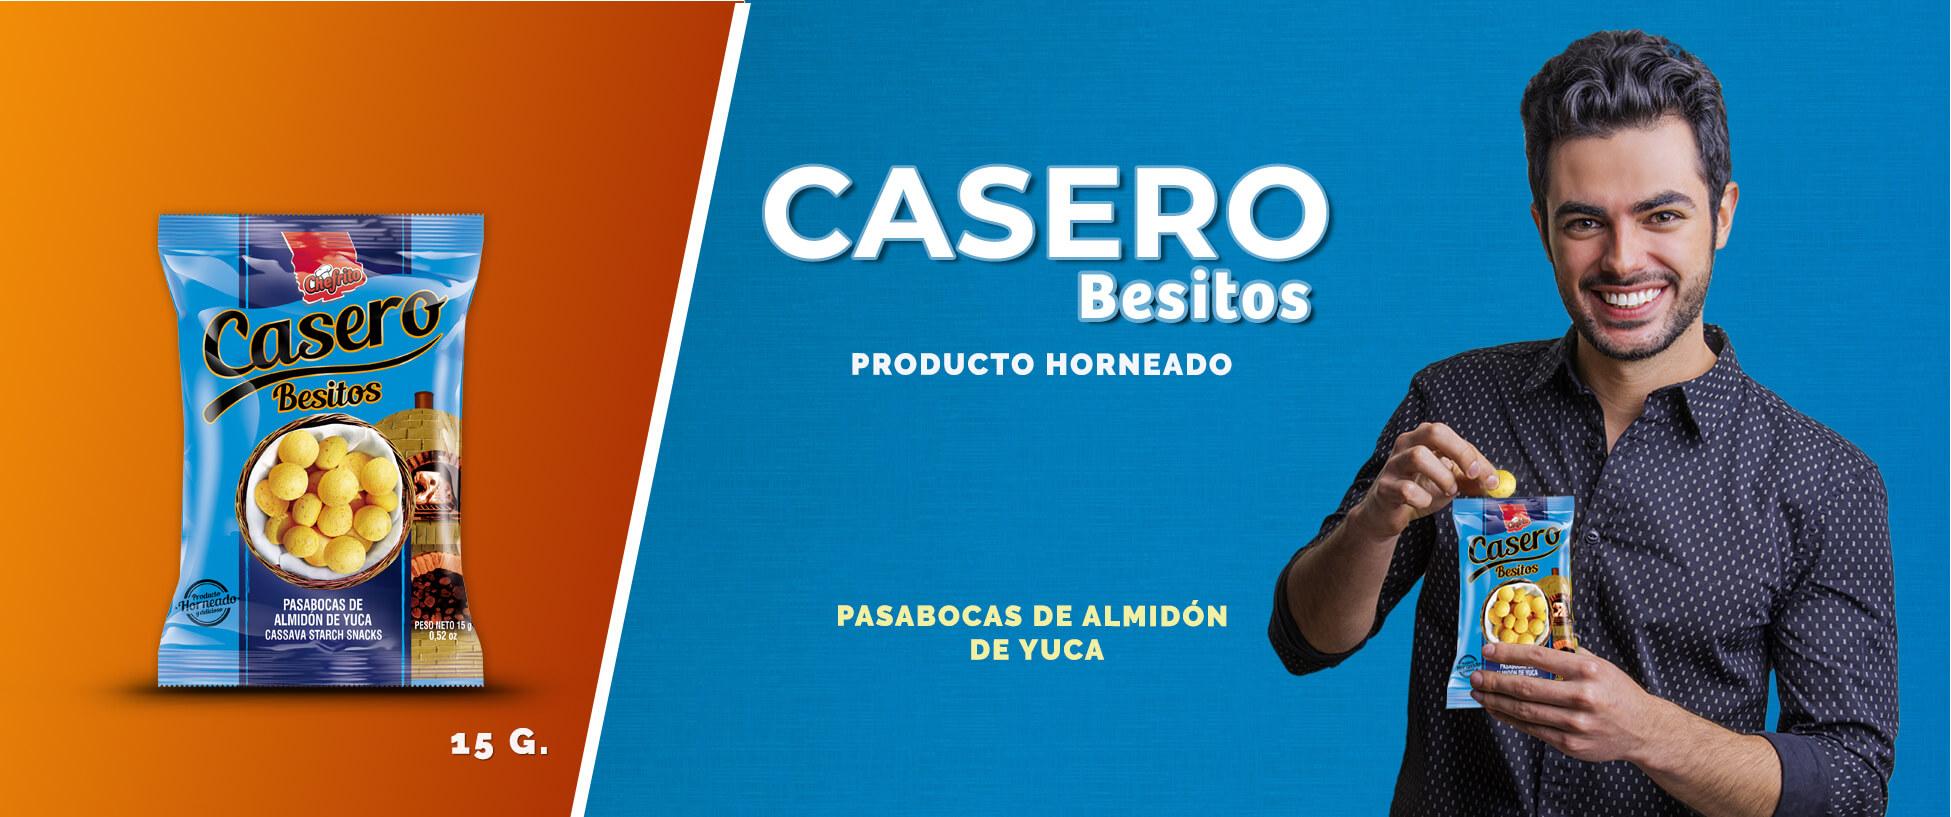 Casero 2